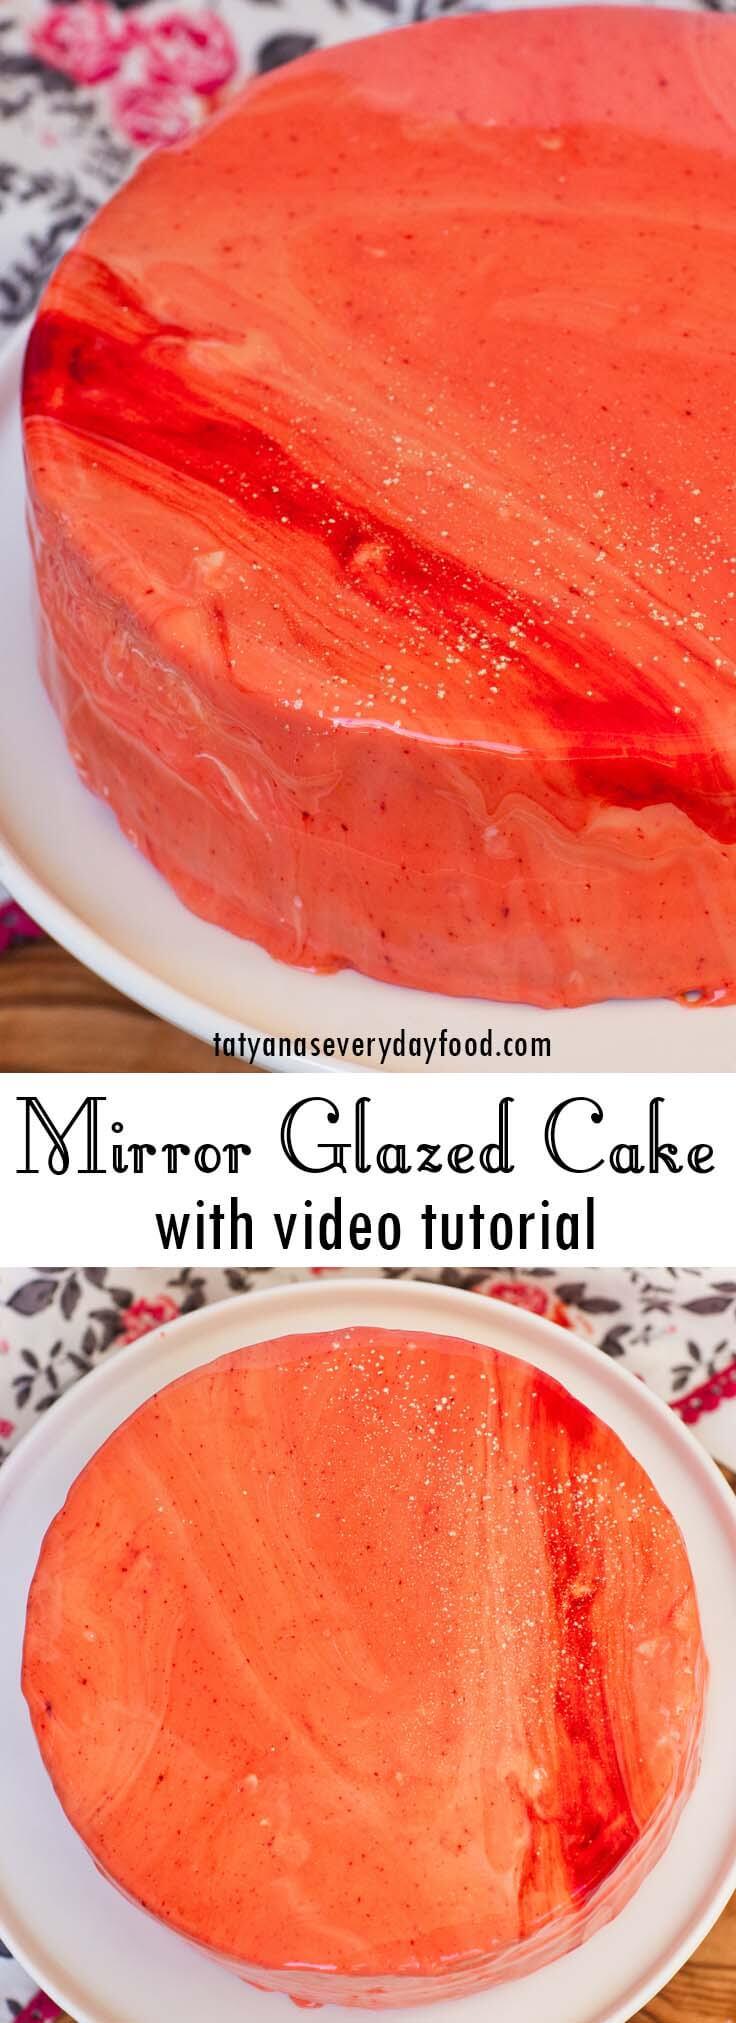 How to Make a Mirror Glaze Cake video tutorial